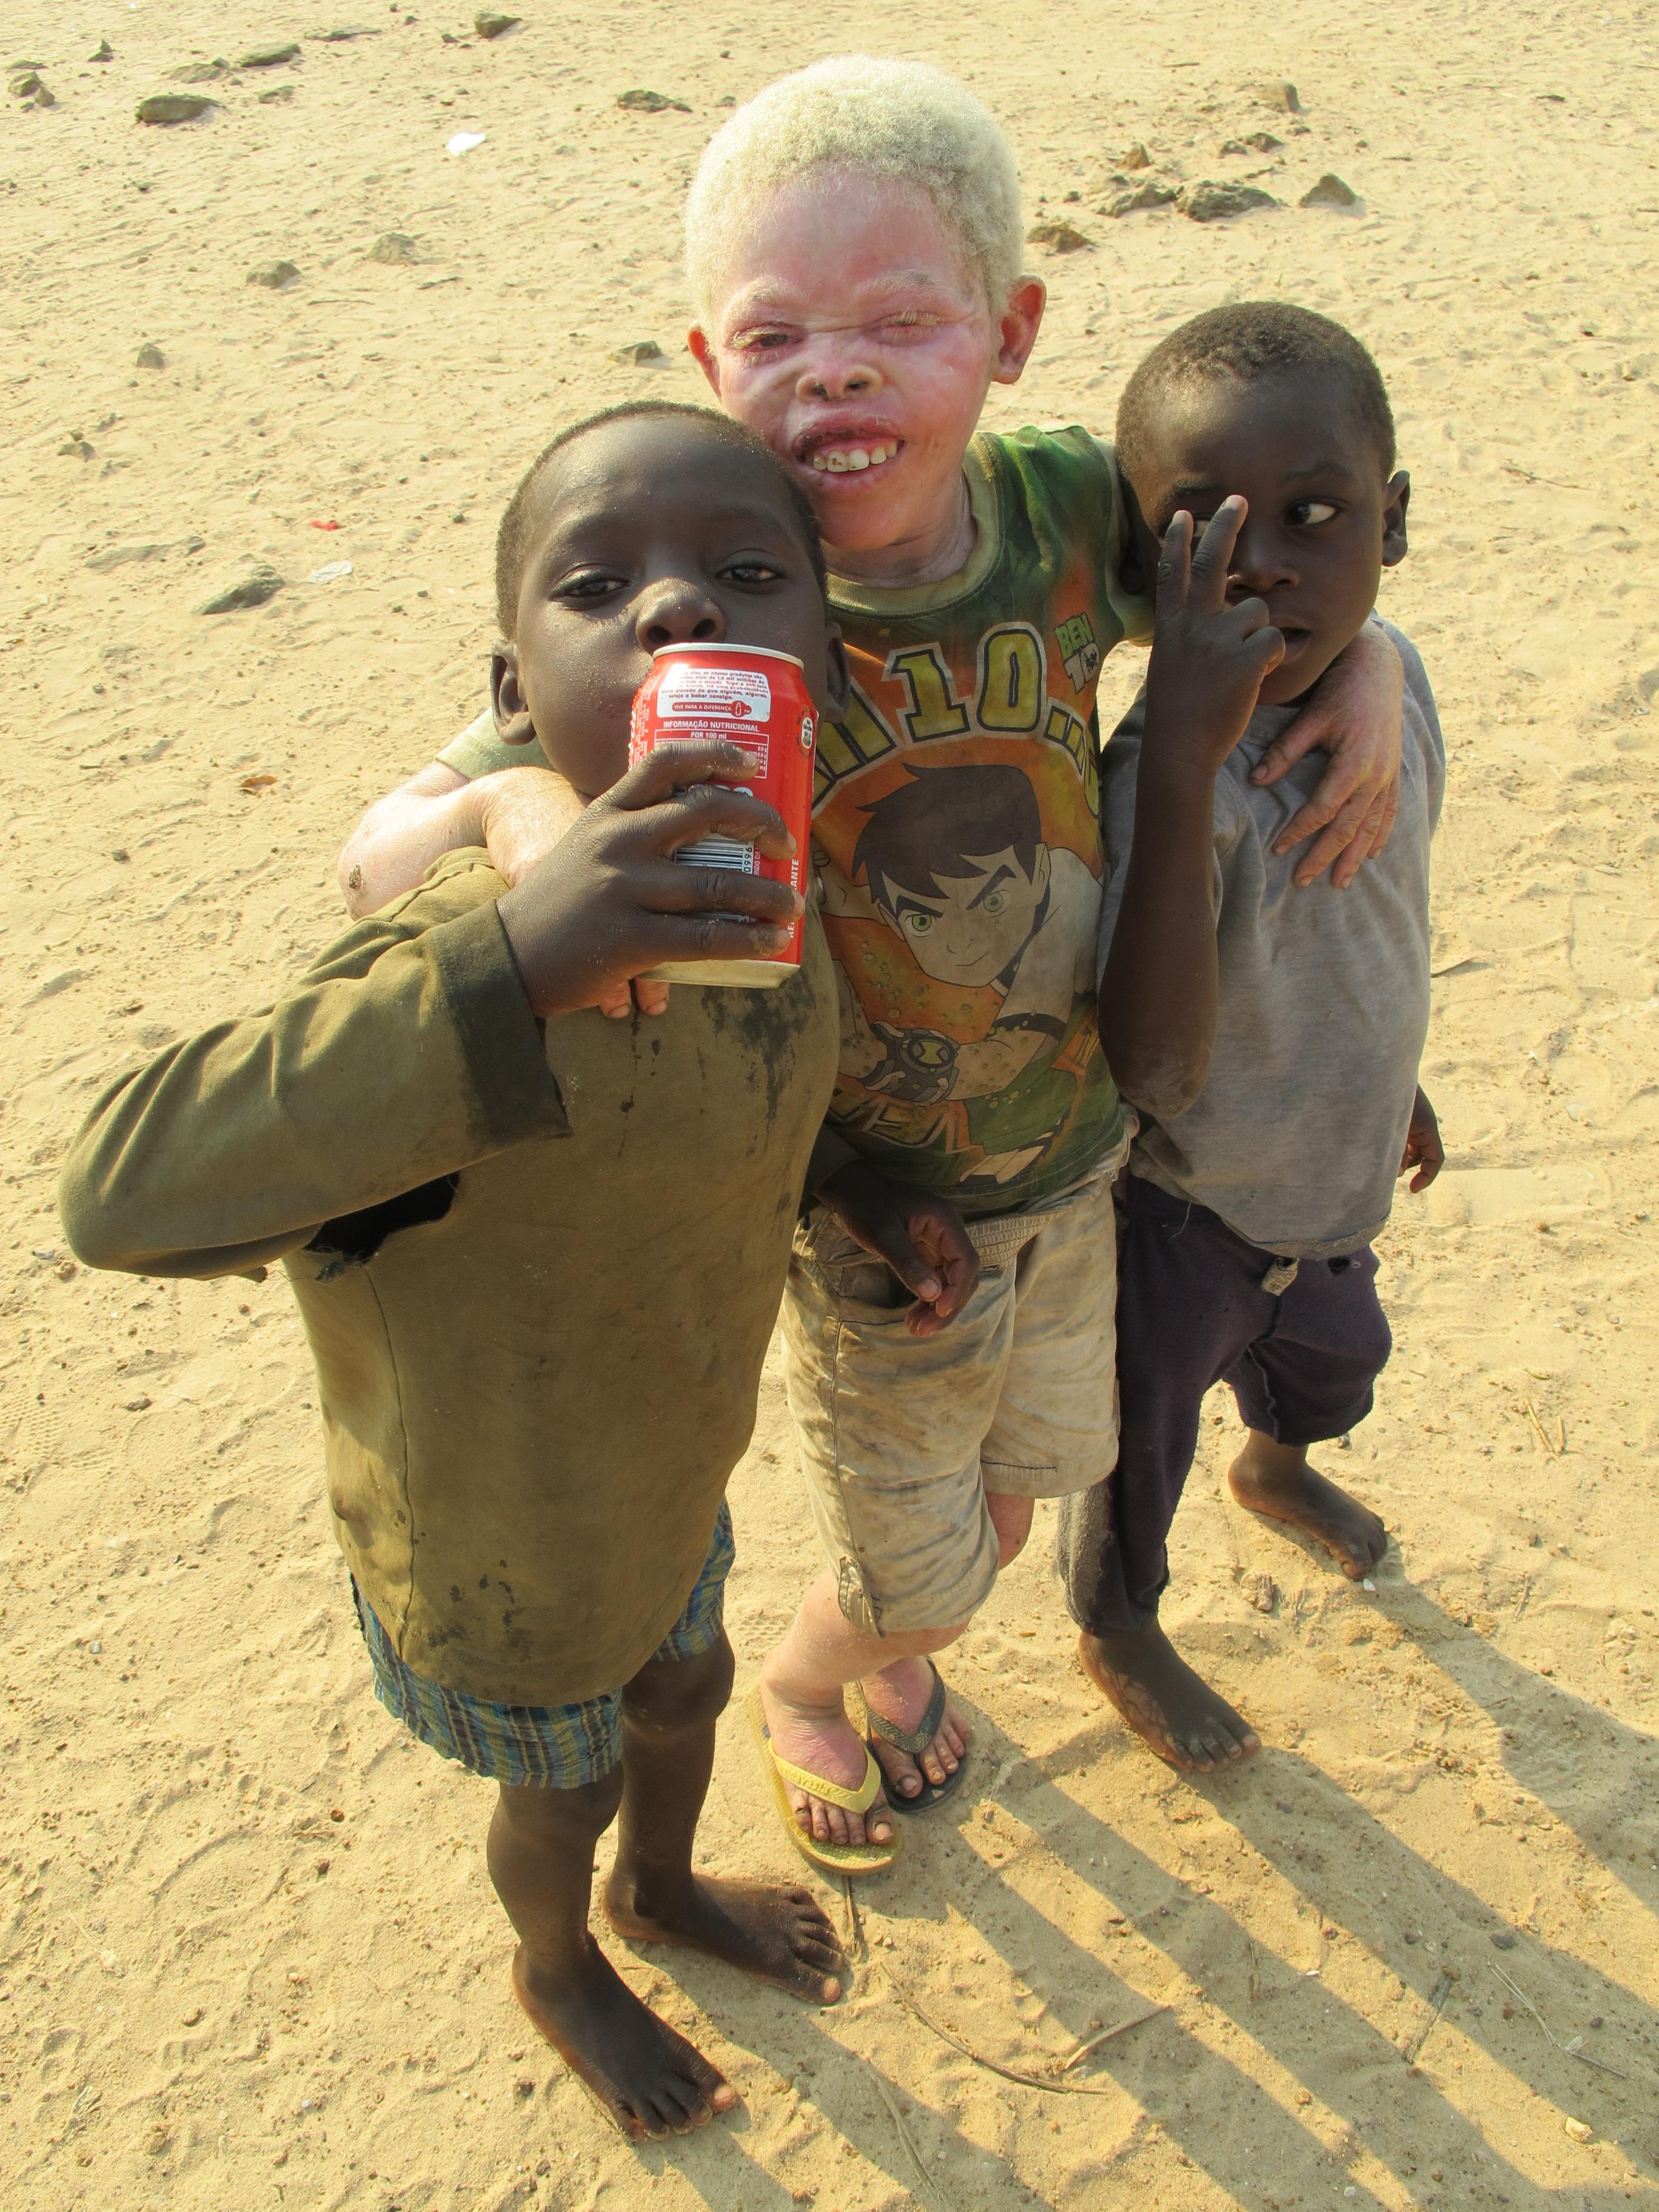 Ser ALBINO en África es un pasaporte a ser Asesinado o Mutilado